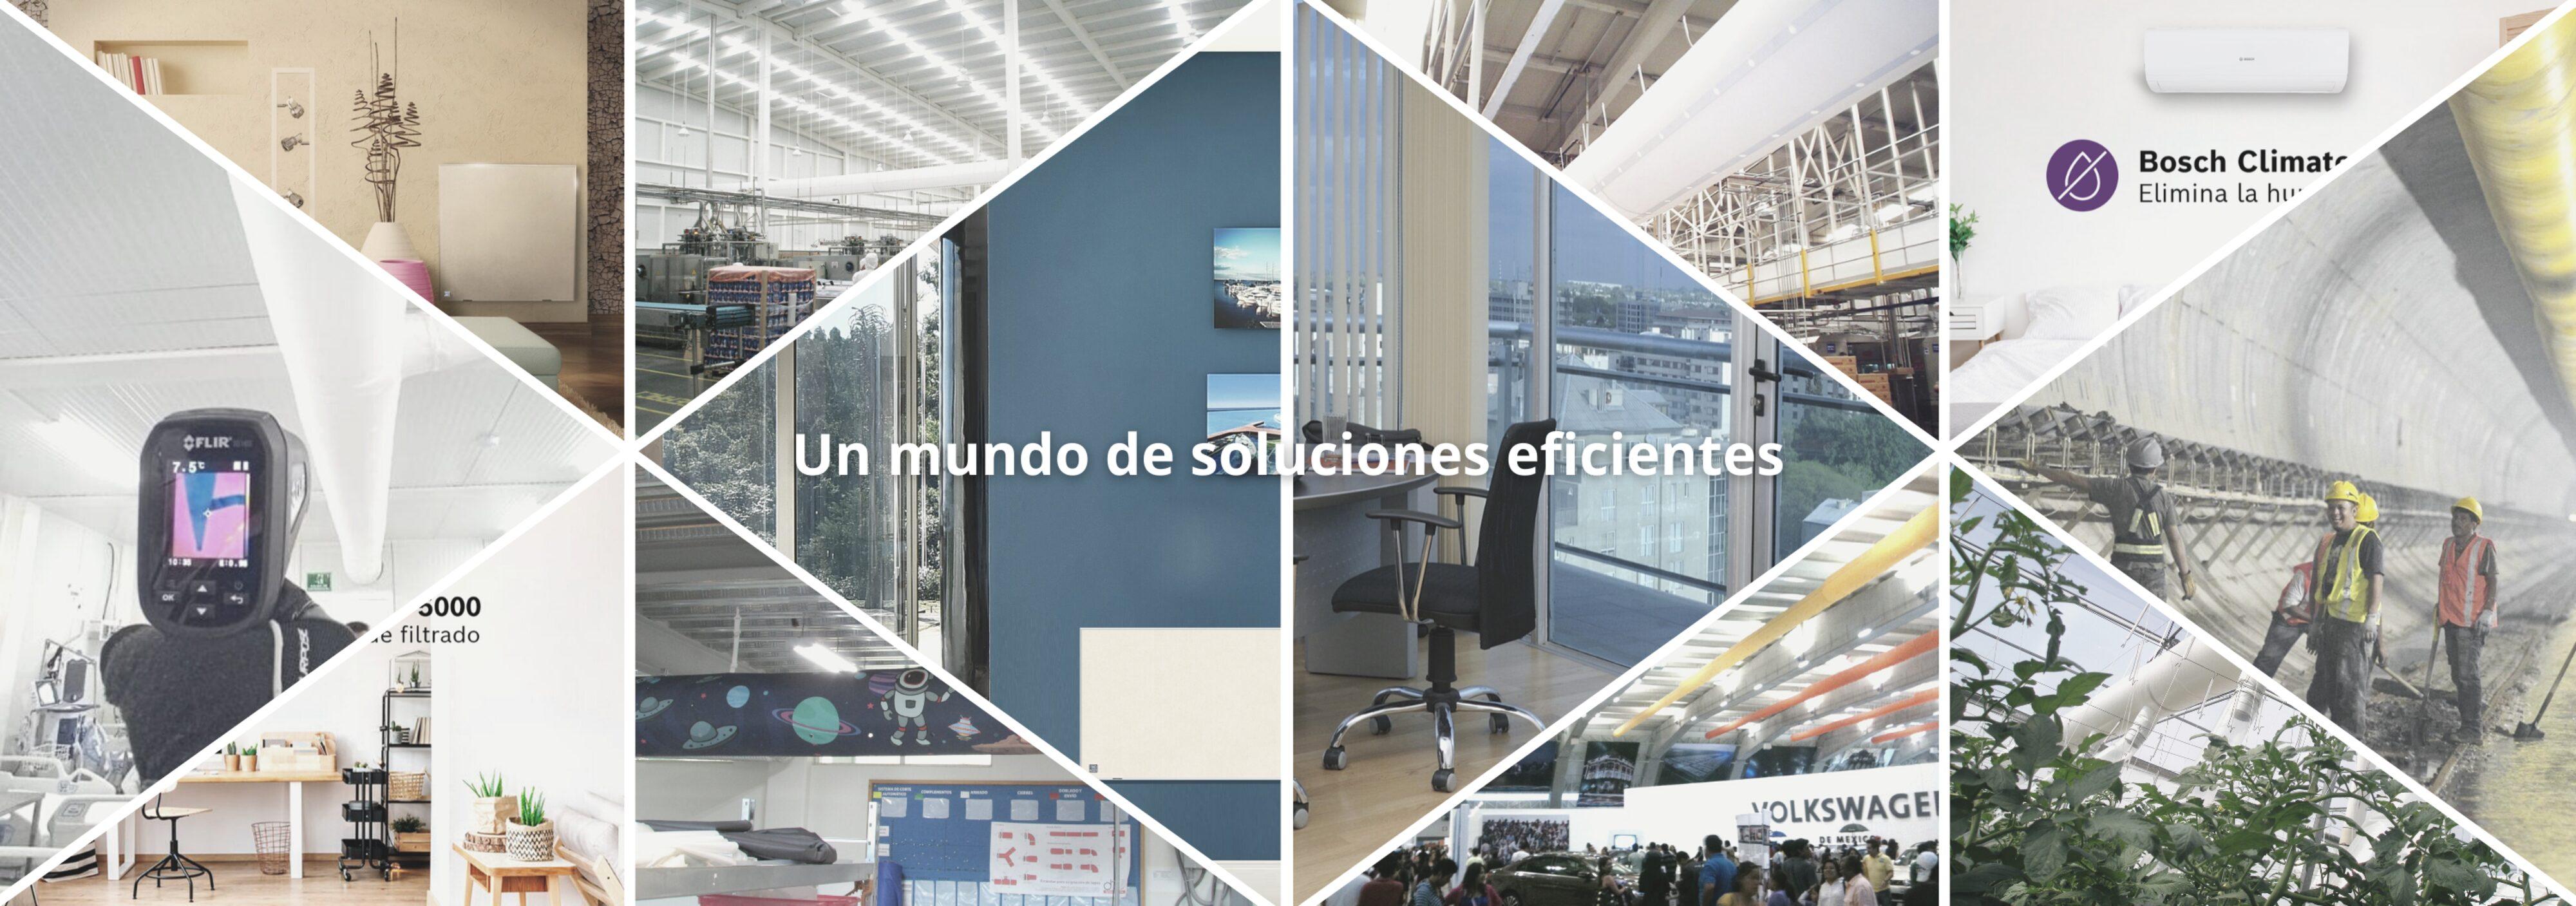 Slider Un mundo de soluciones eficientes